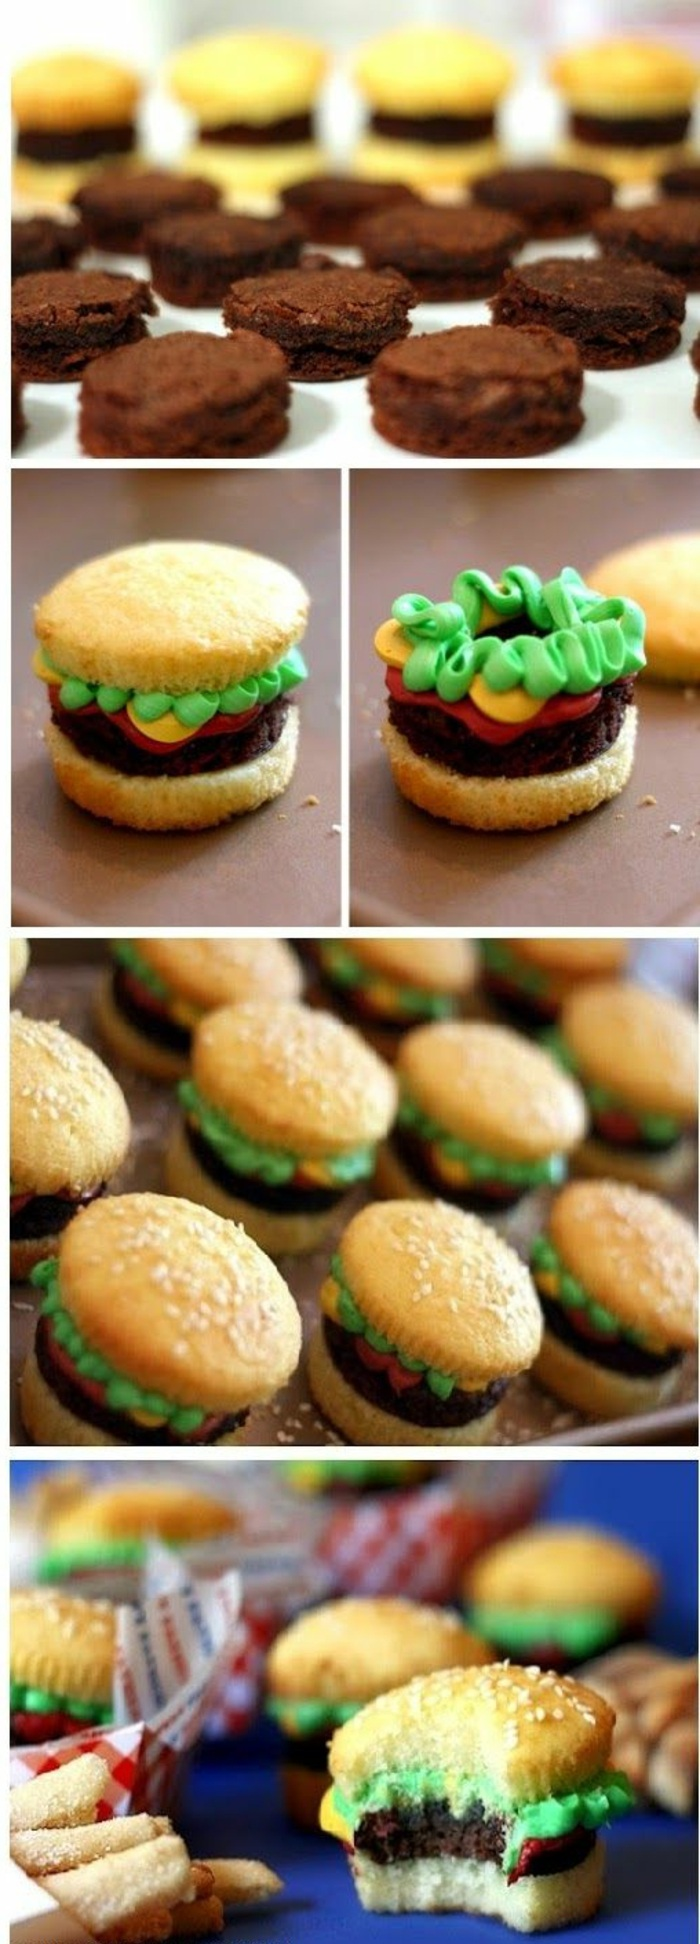 cupcakes mit sahne dekorieren wie kleine burgers